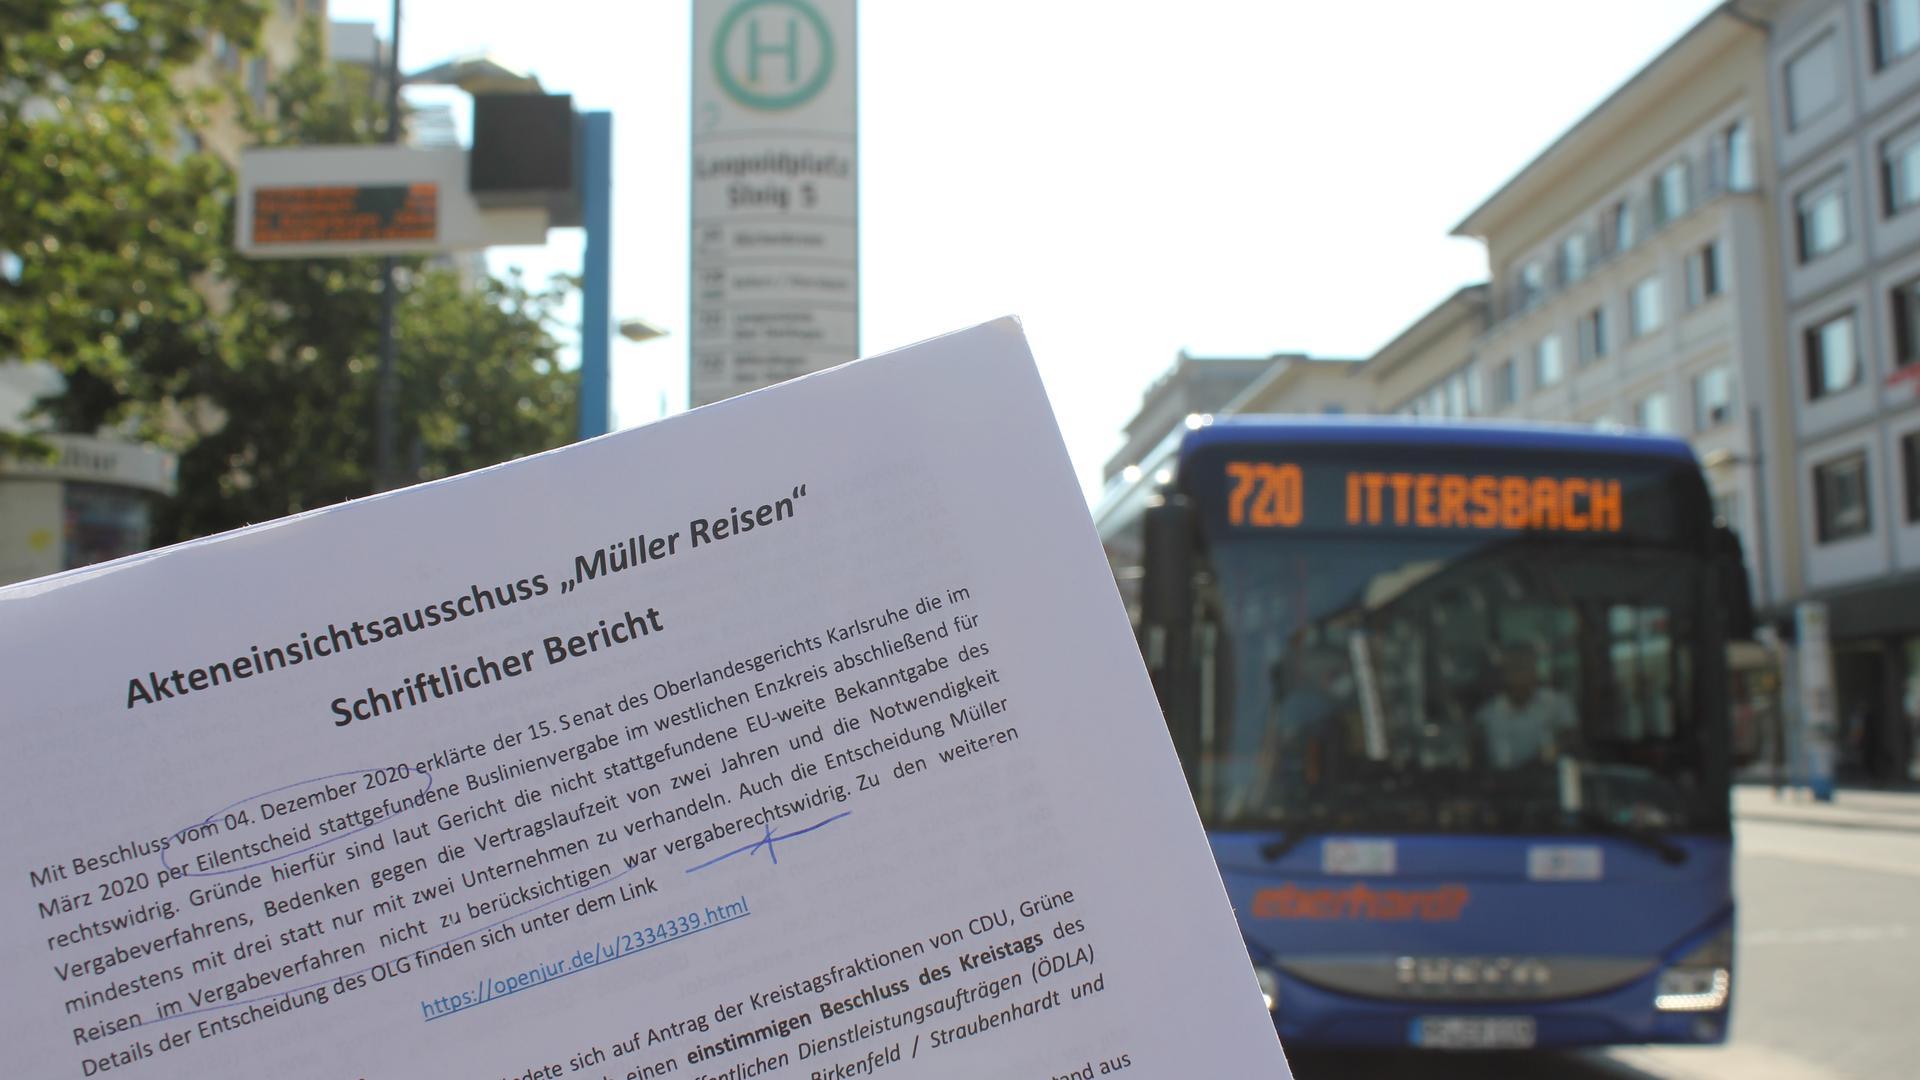 Im Thema Nahverkehr ist Feuer drin: Der Enzkreis ist dabei, das Vergabe-Debakel der Buslinien aufzuarbeiten und sieht sich mit Vorwürfen der FDP-Fraktion im Pforzheimer Stadtrat konfrontiert. Kreisräte, die im Akteneinsichtsausschuss die Hintergründe aufgearbeitet haben, wehren sich dagegen.